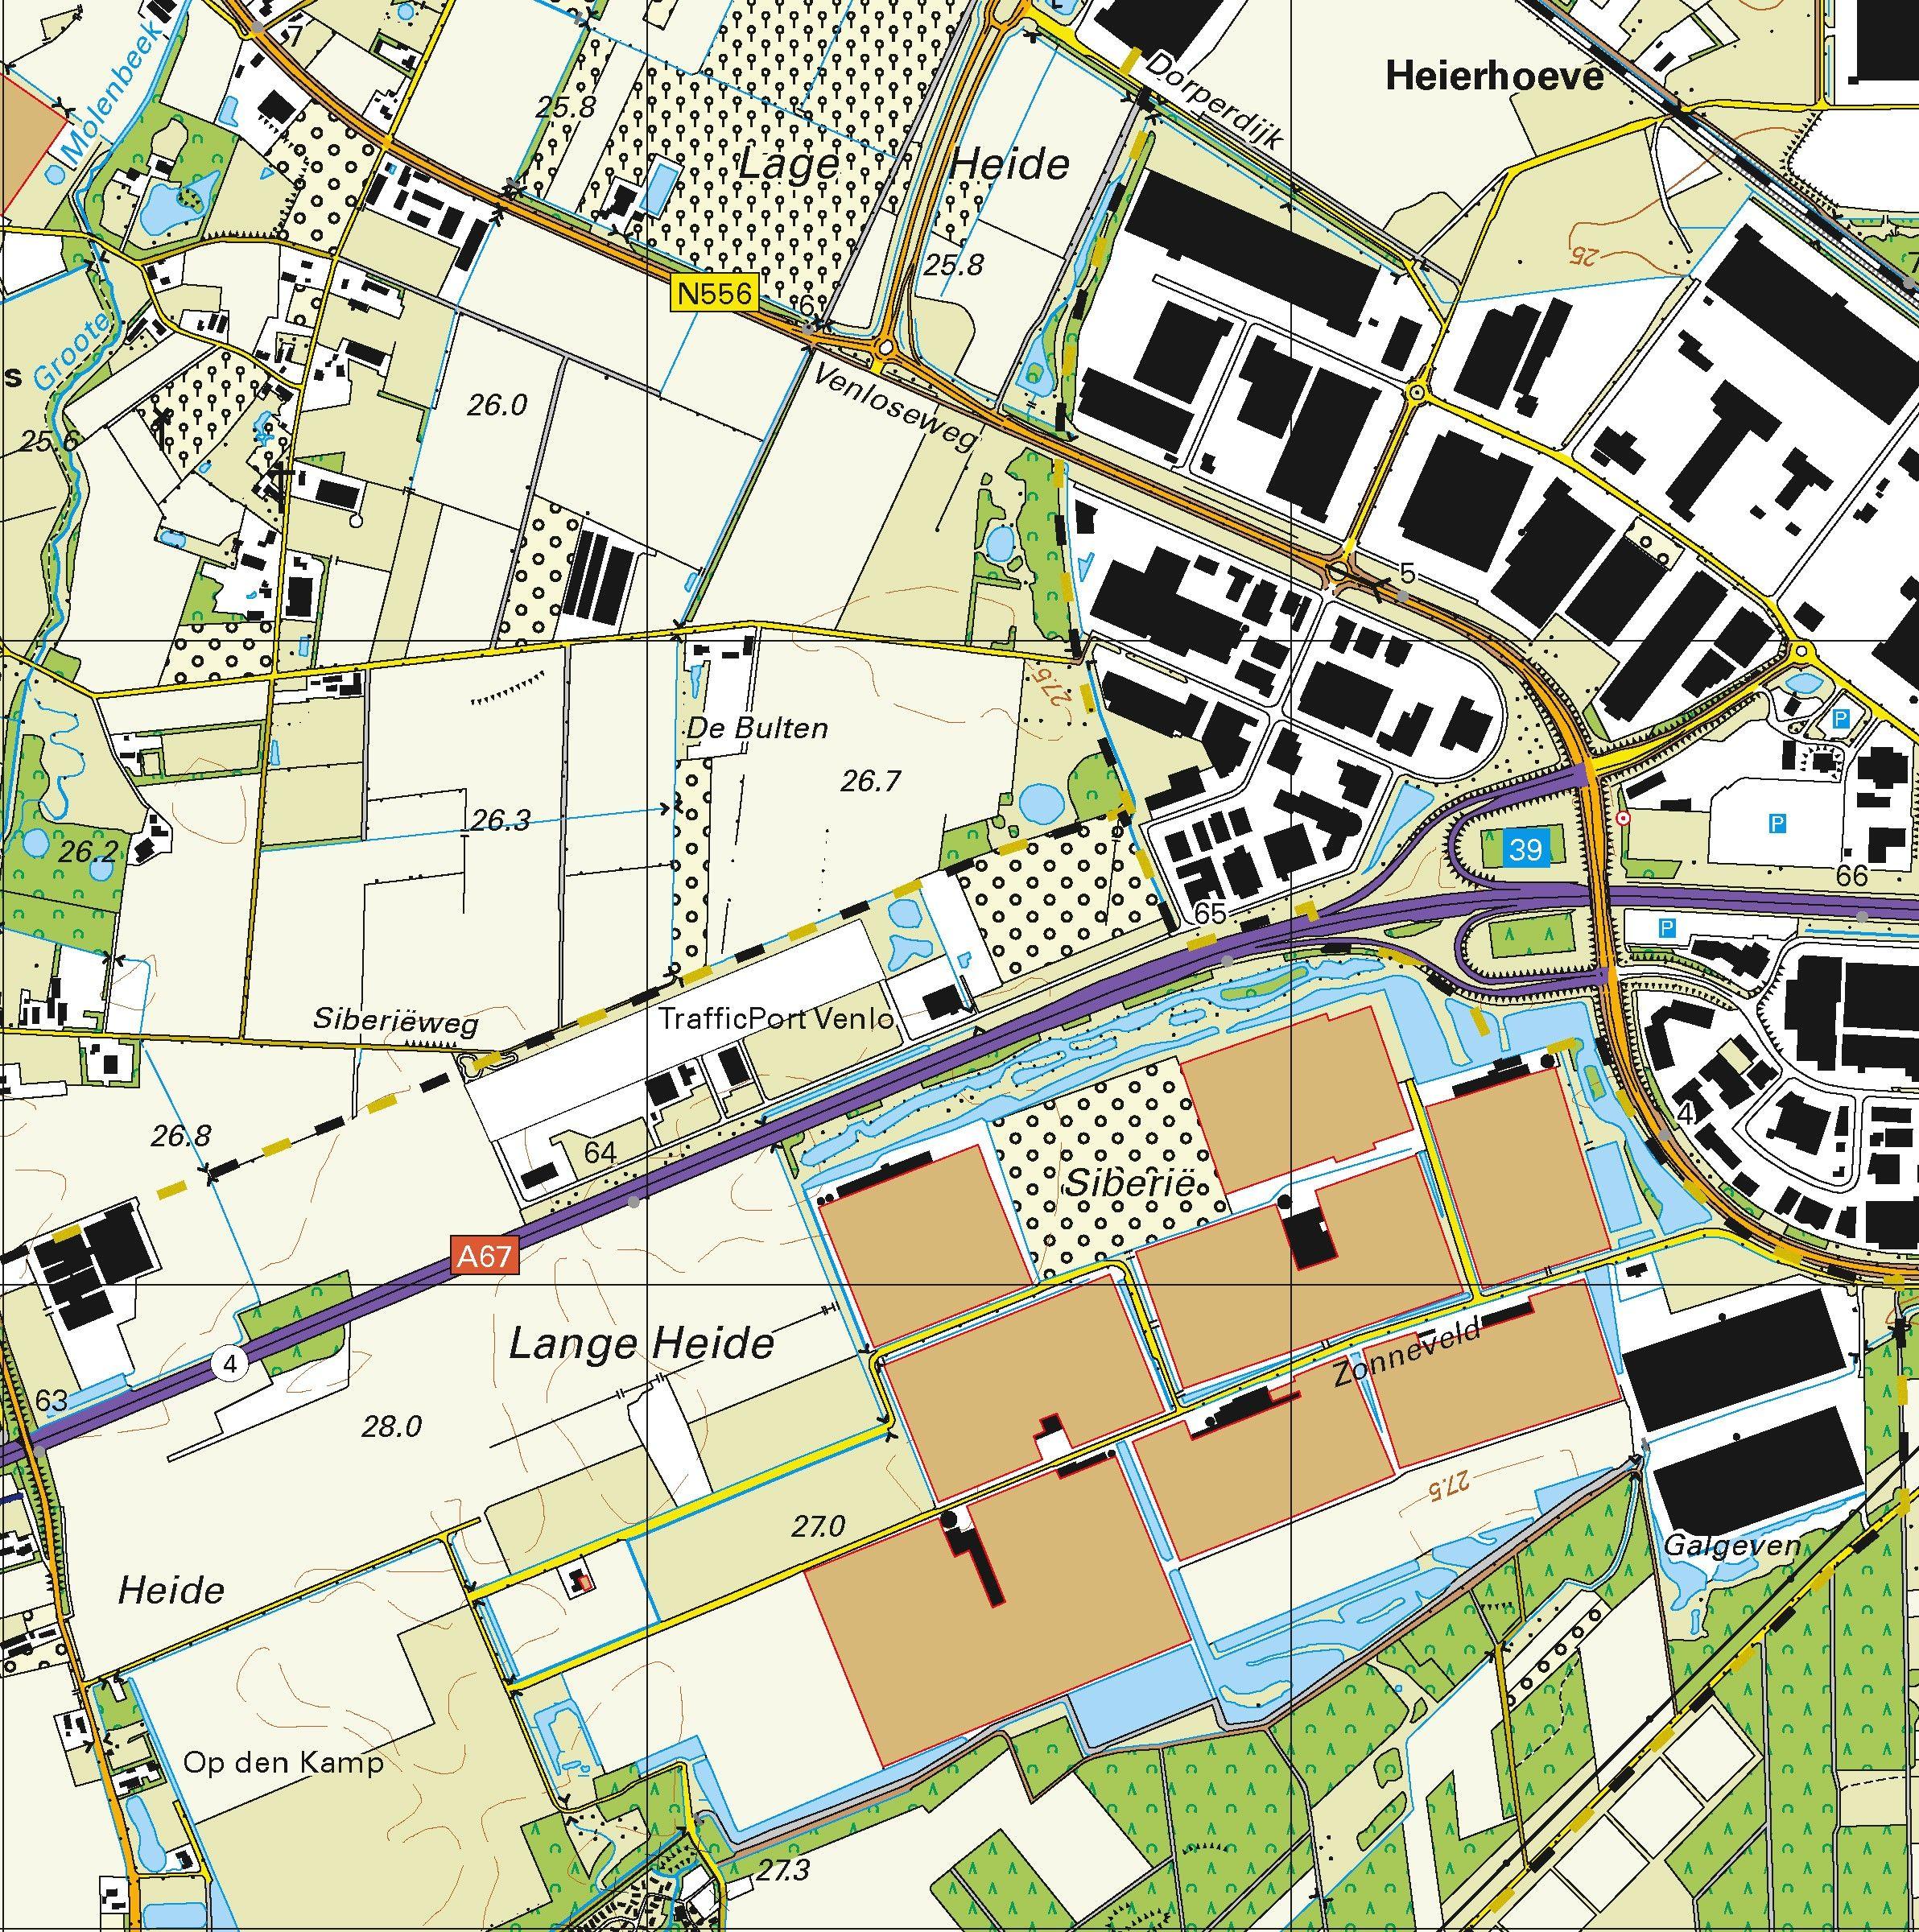 Topografische kaart schaal 1:25.000 (Horst, Venlo, Tegelen, Maasbree, Panningen, Reuver)